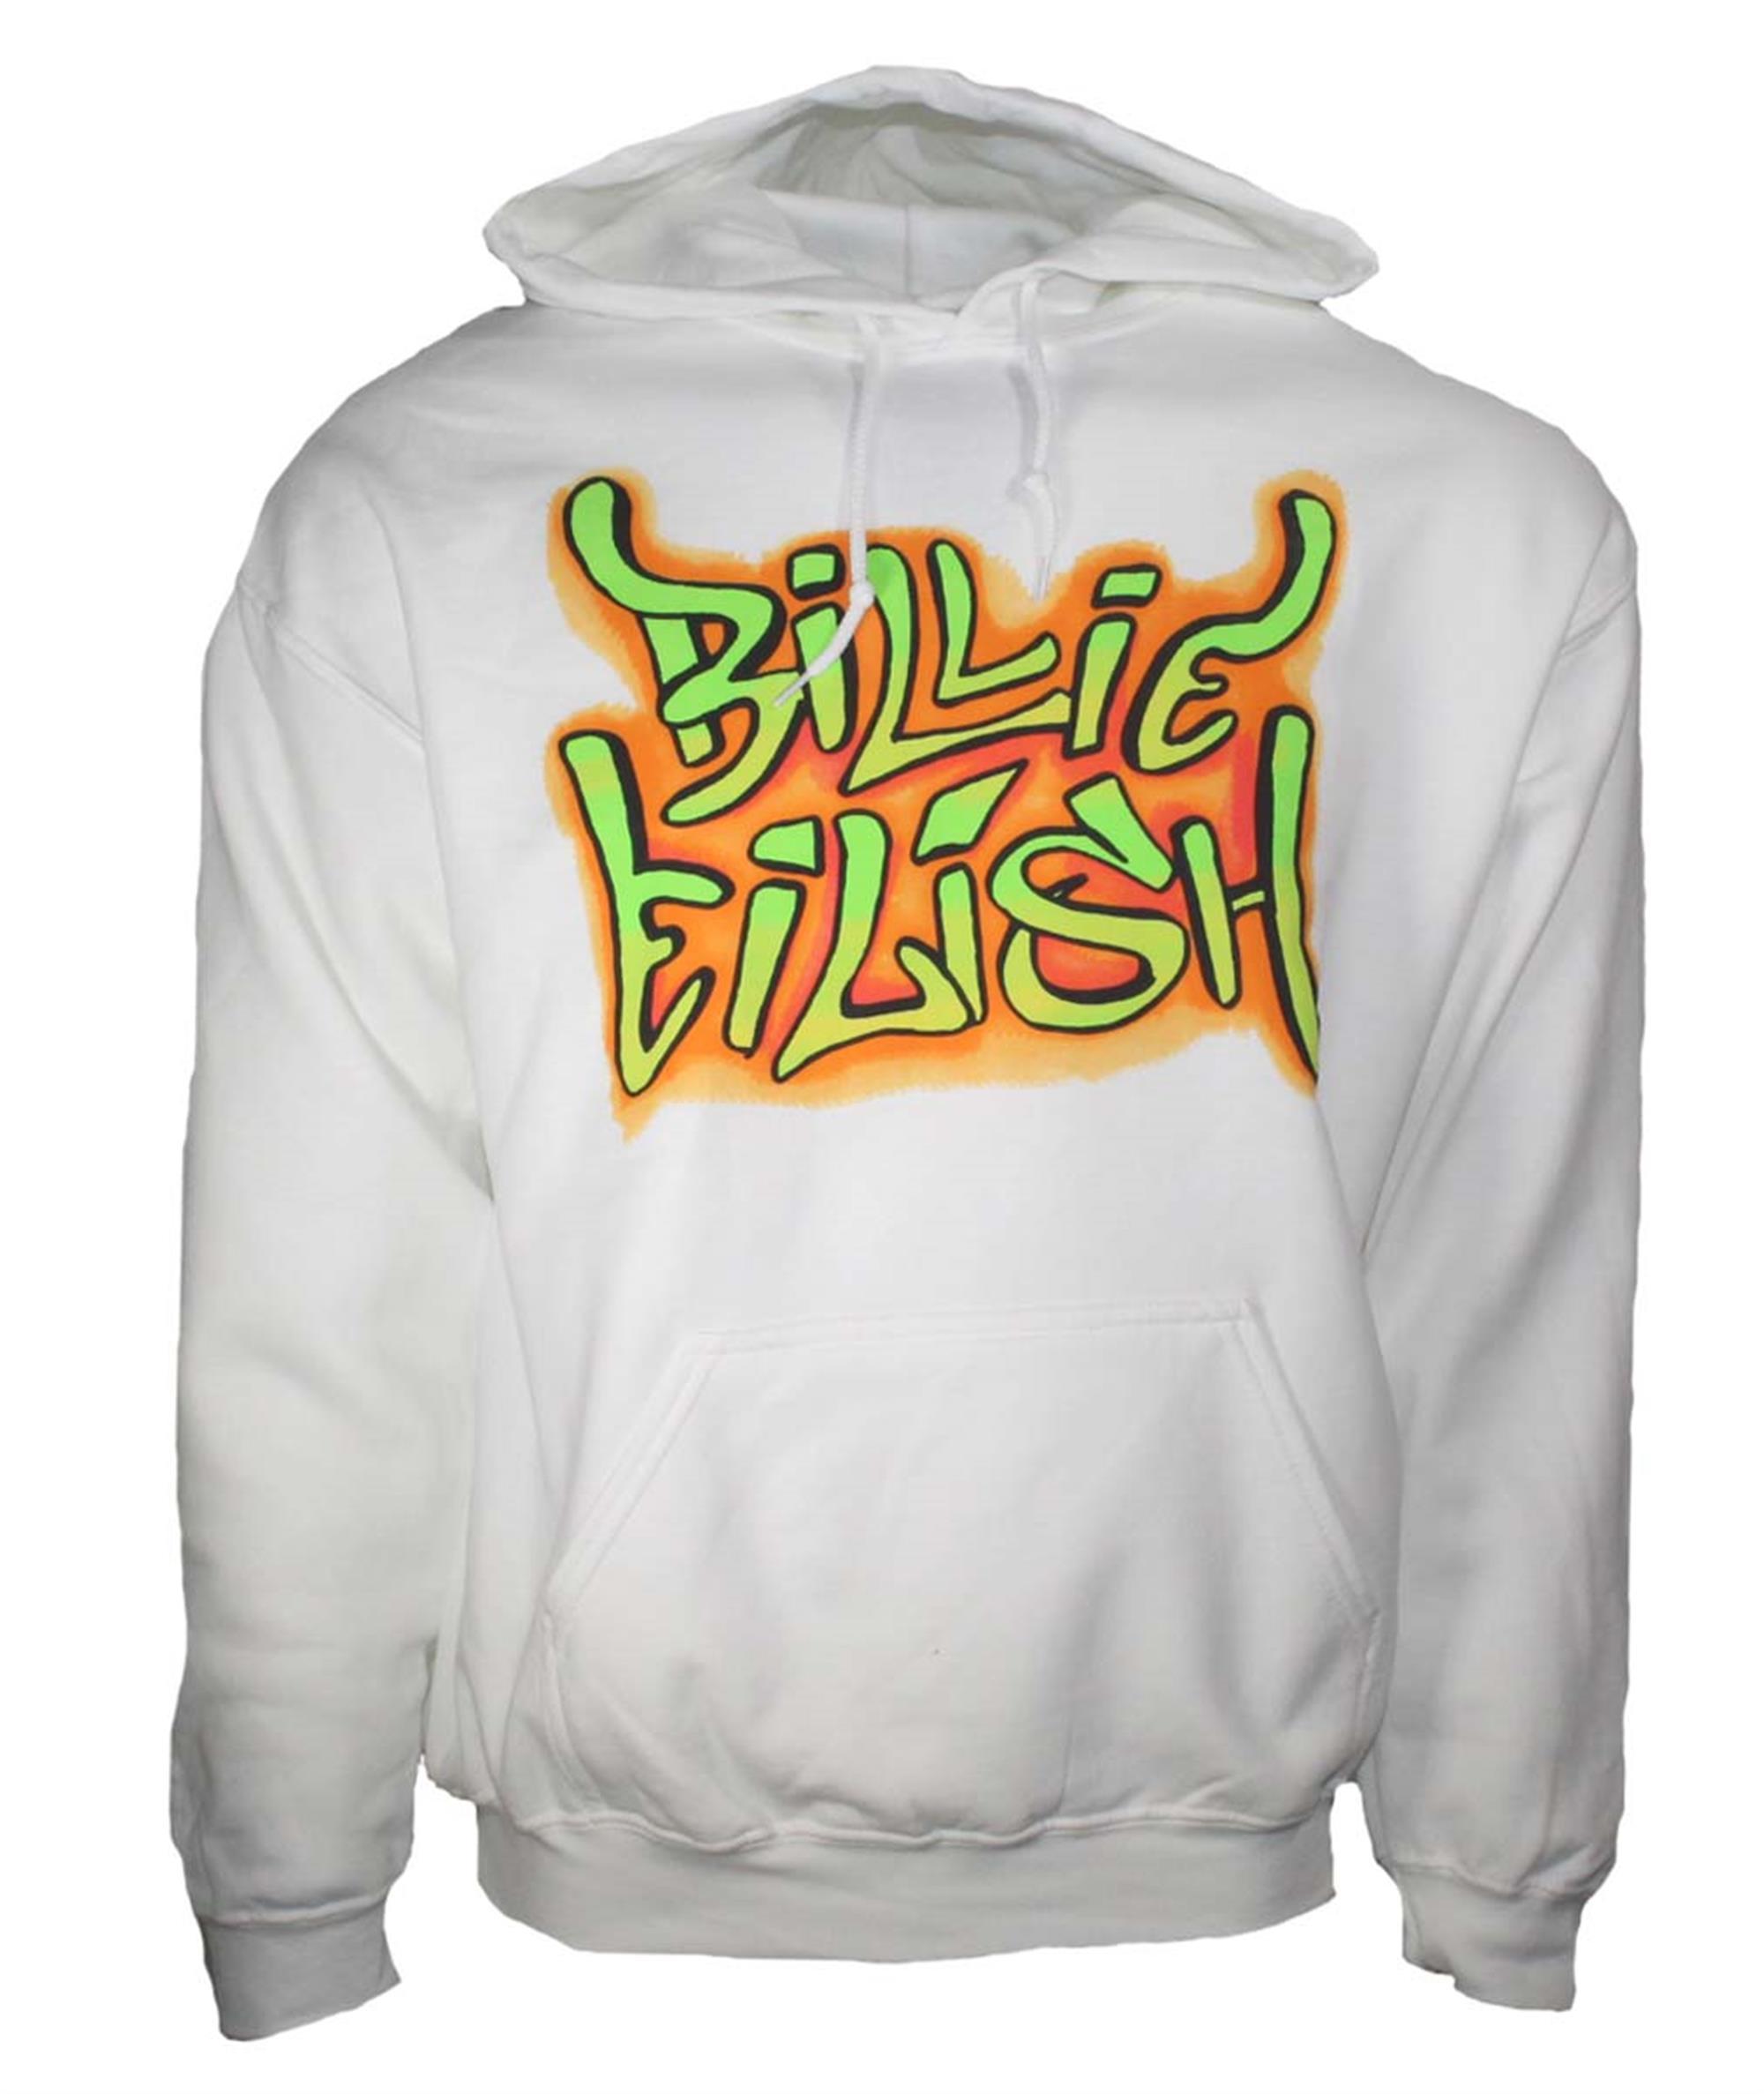 Billie Eilish Grafitti Hoodie Sweatshirt